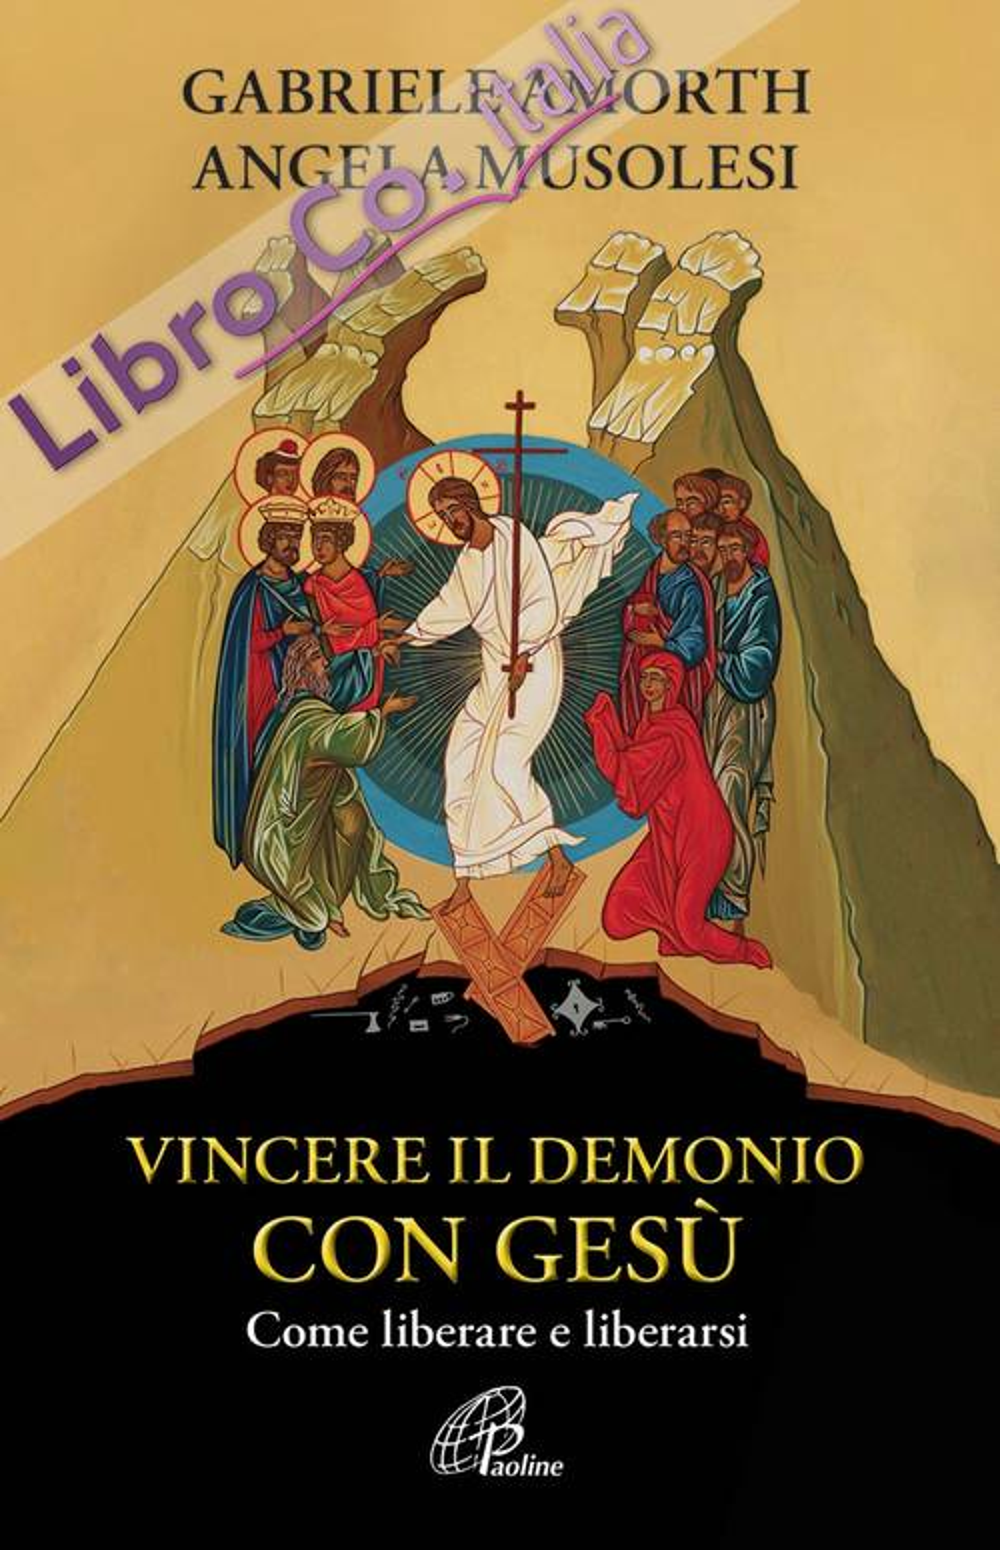 Vincere il demonio con Gesù. Come liberare e liberarsi.